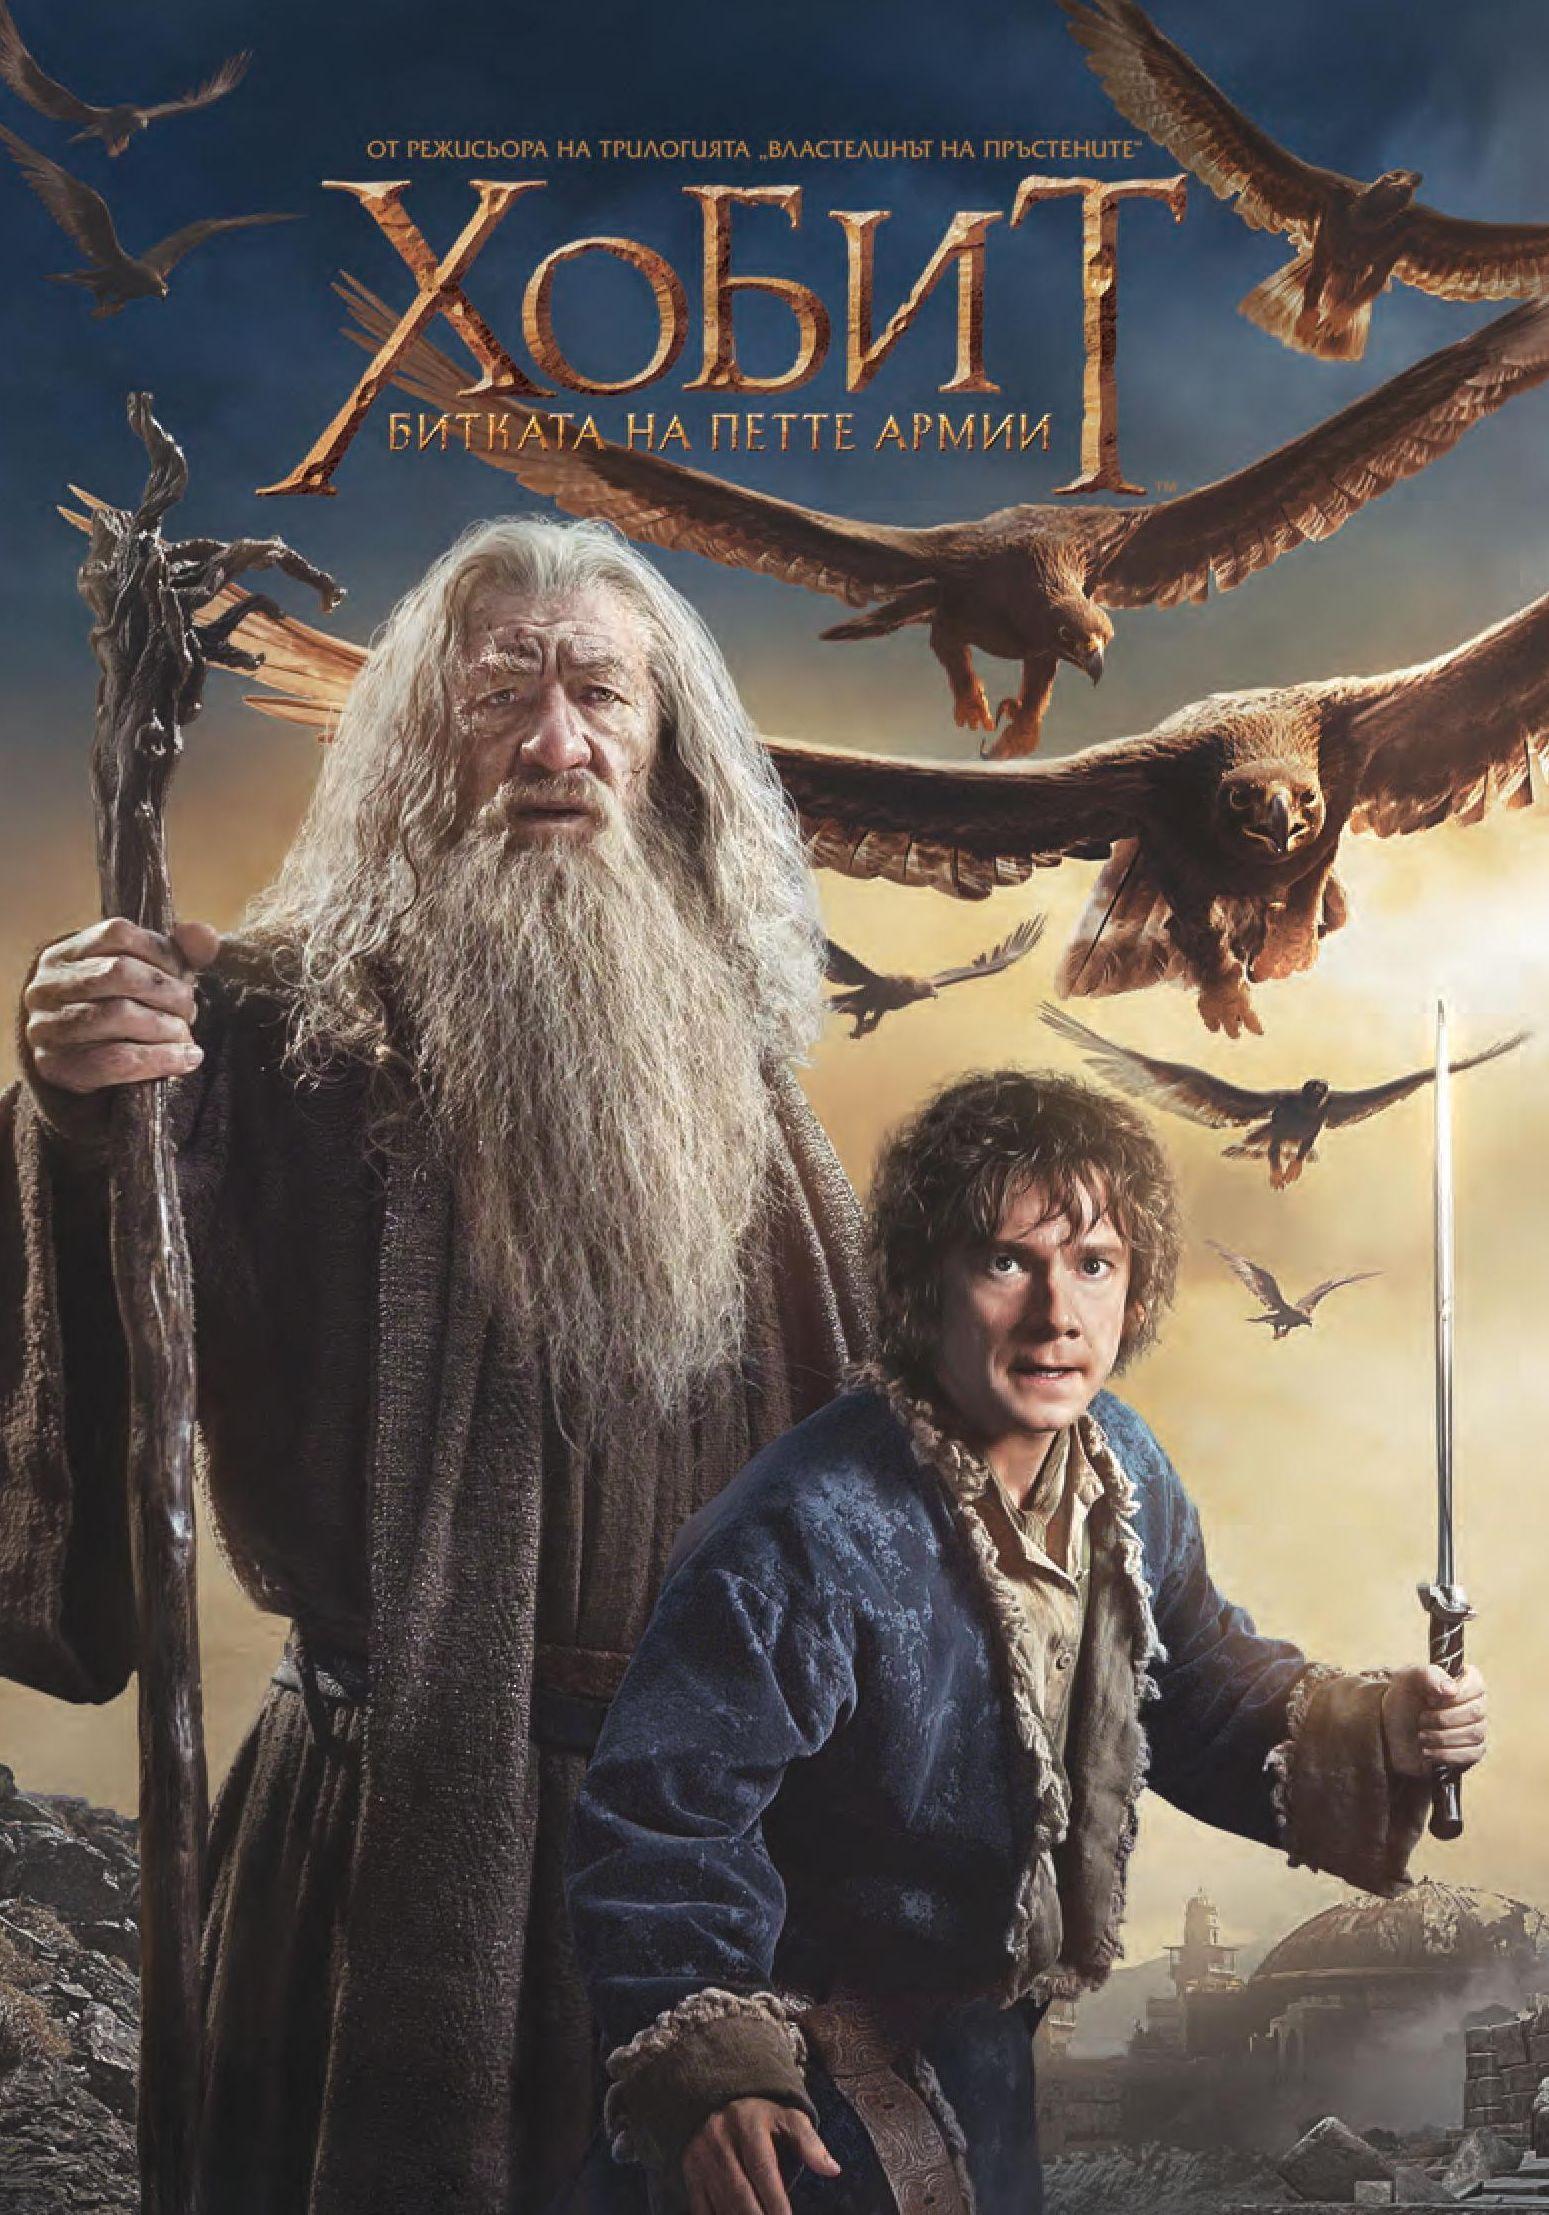 Хобит: Битката на петте армии - Специално издание в 2 диска (DVD) - 1